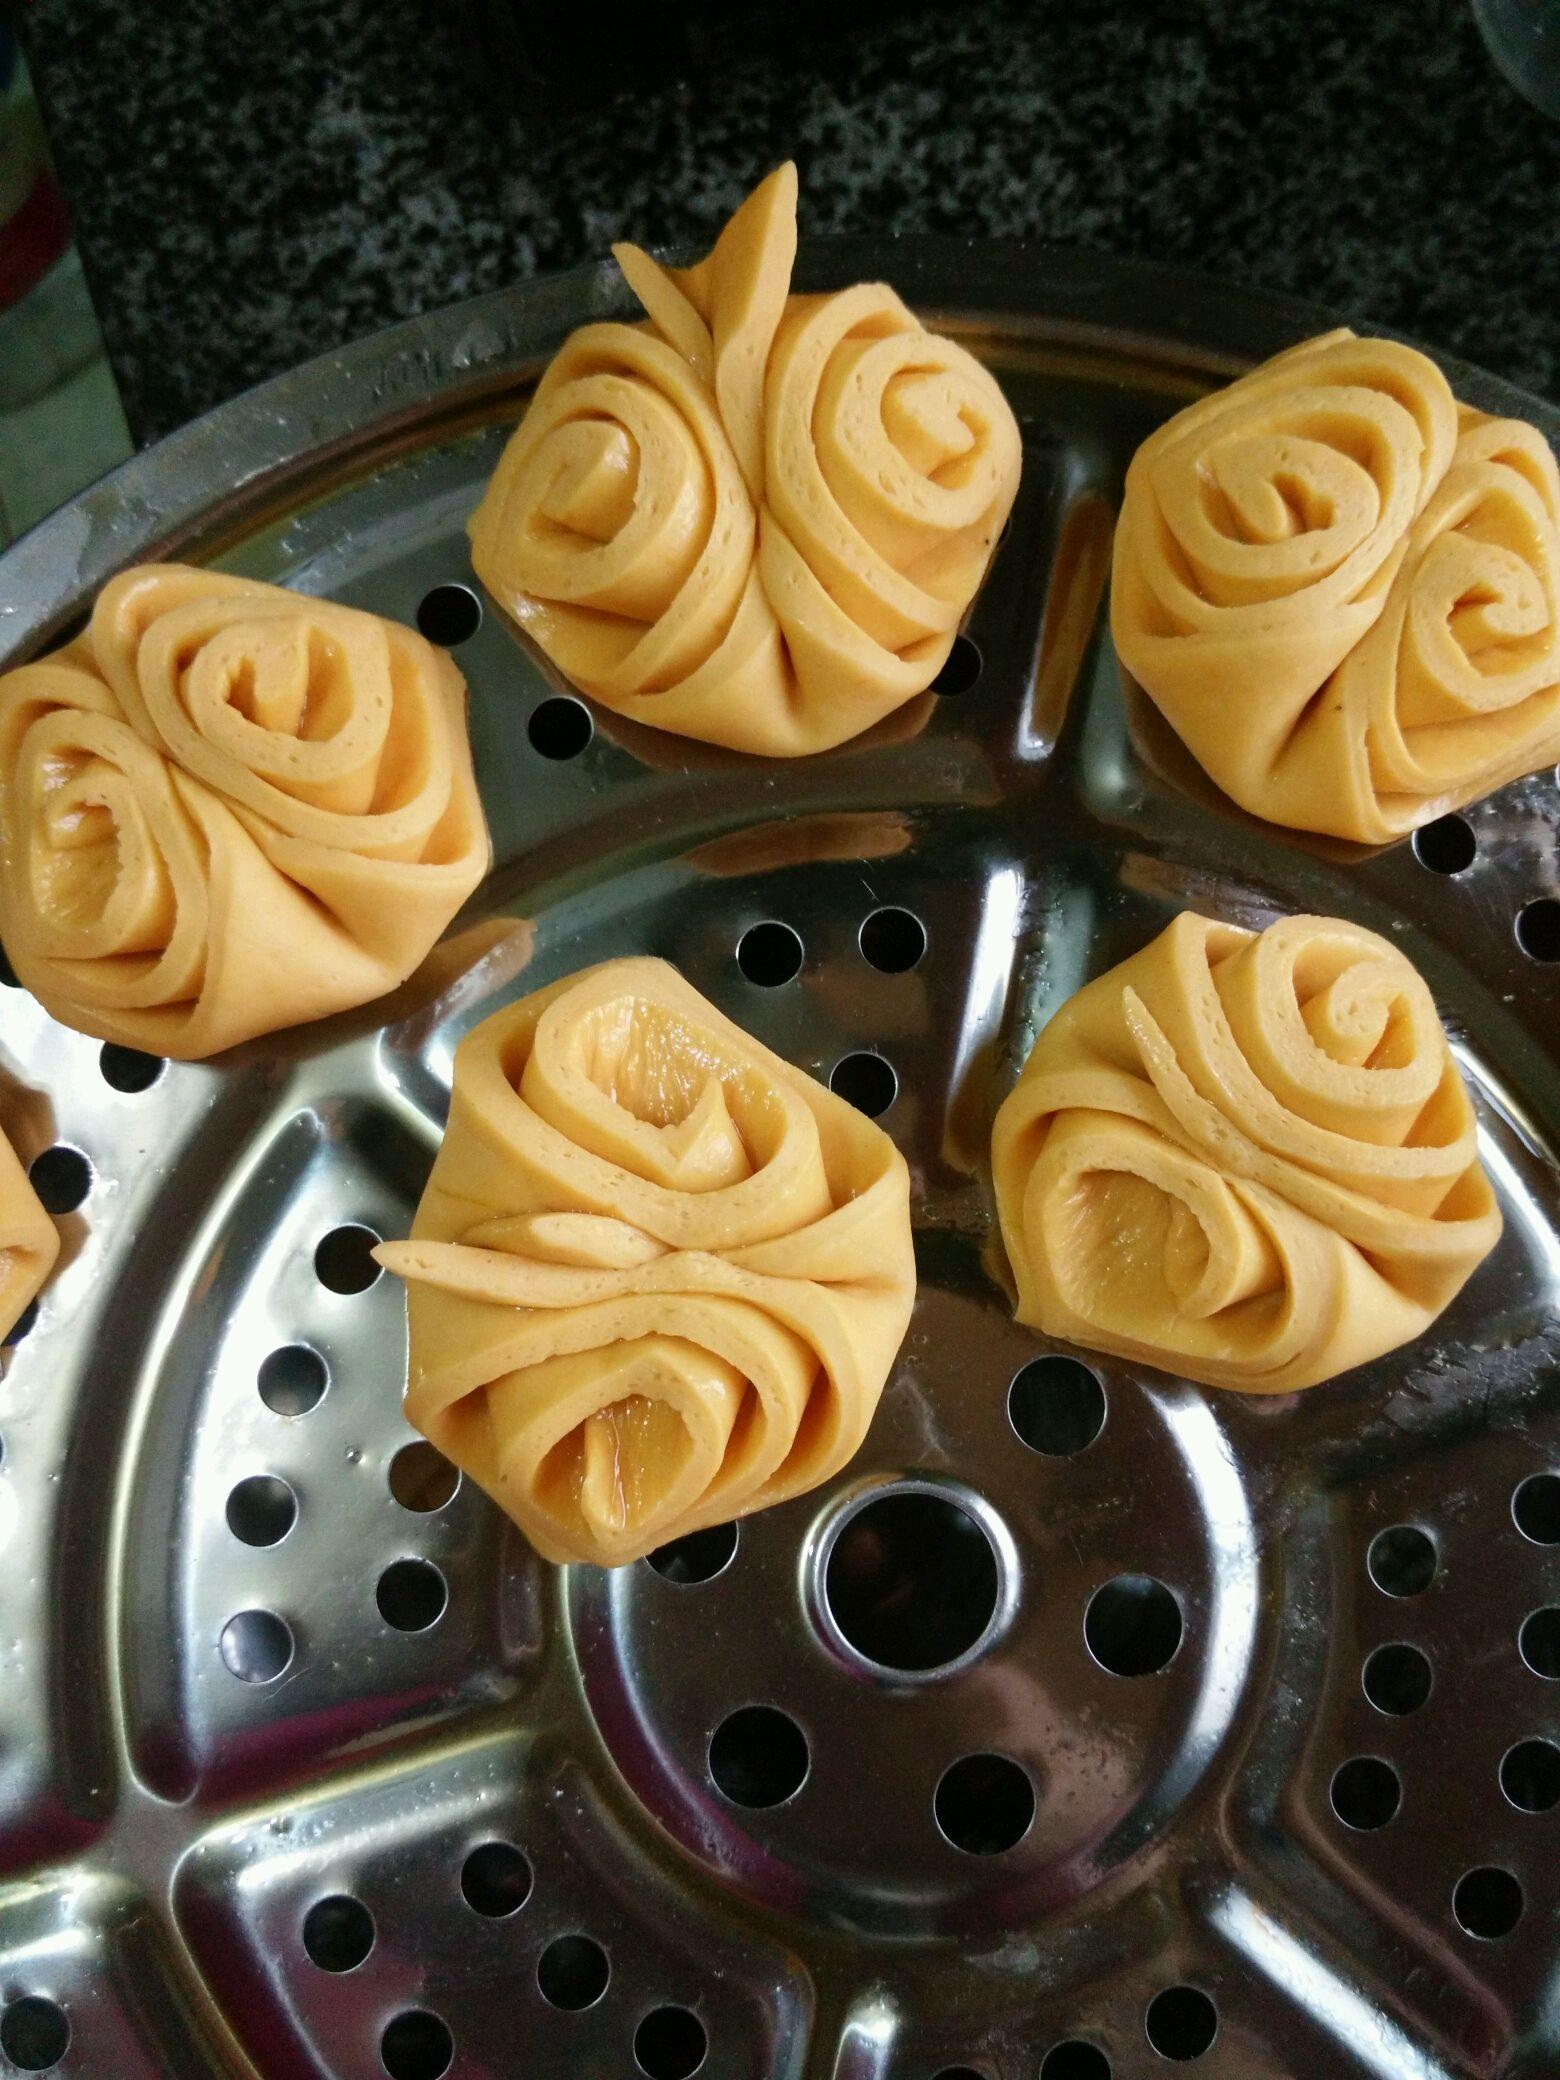 12种花样馒头做法大全_奶香南瓜花式馒头的做法